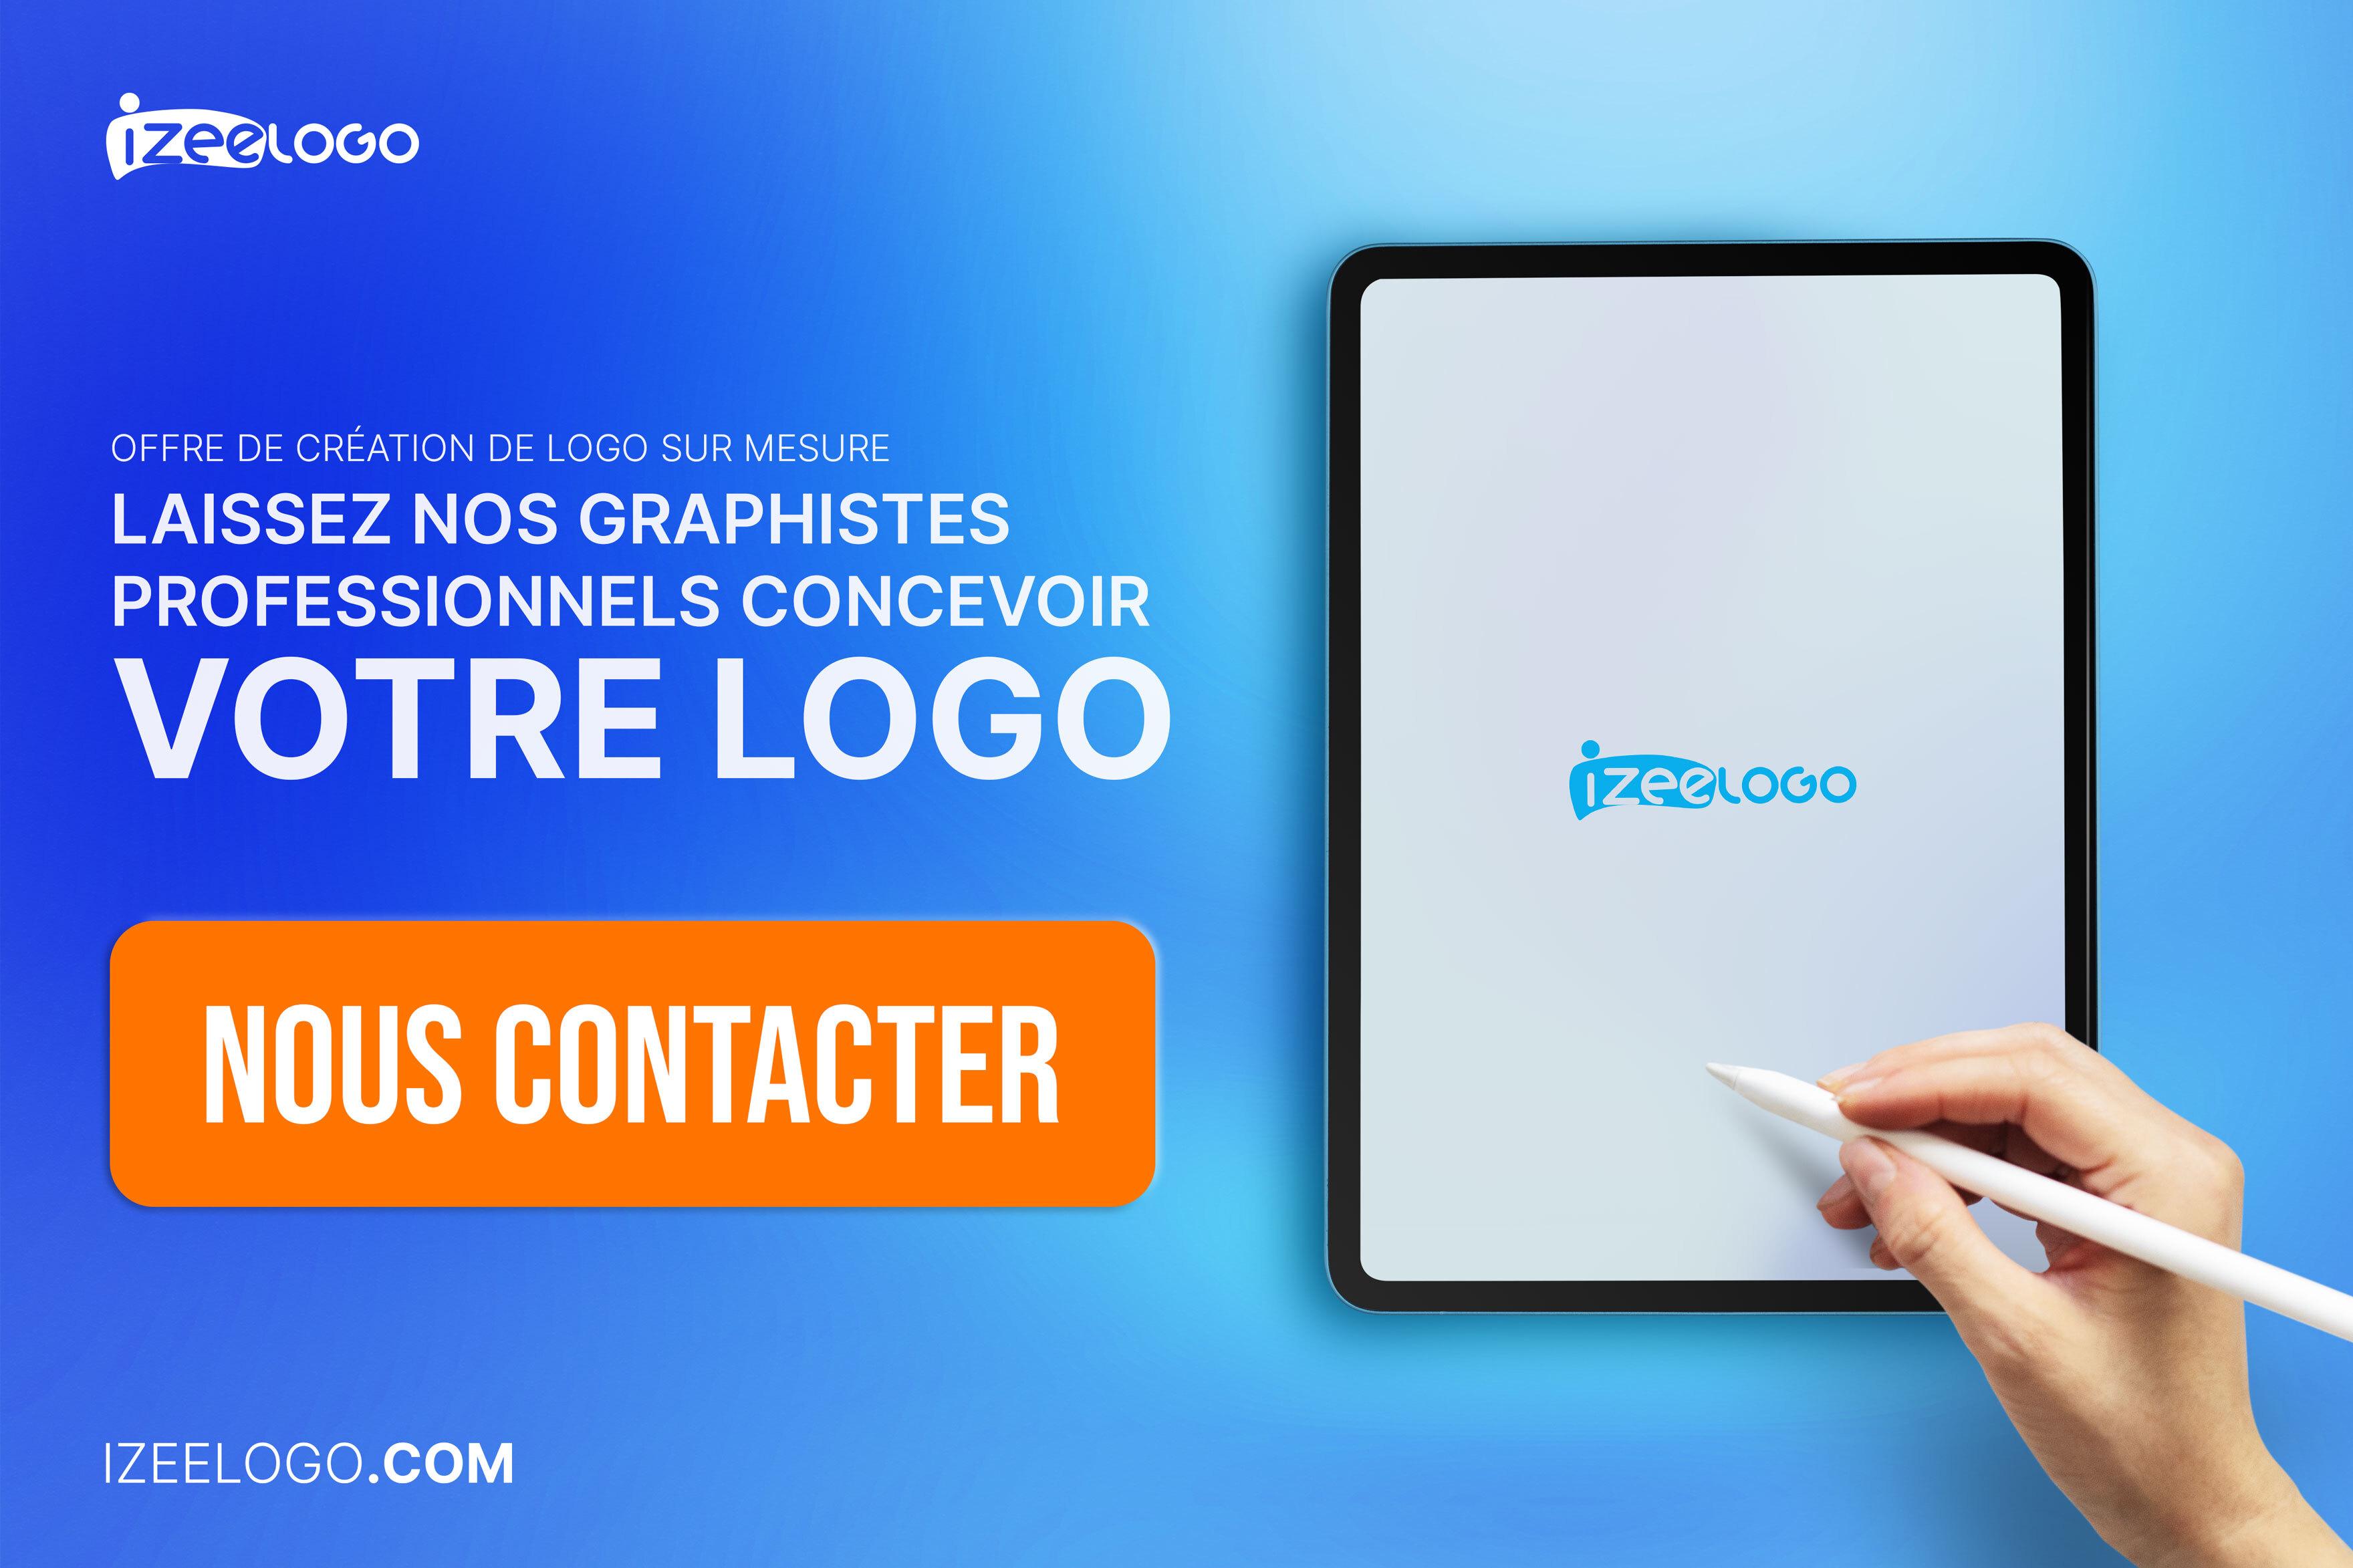 Offre de création de logo sur mesure : laissez nos graphistes professionnels concevoir votre logo.